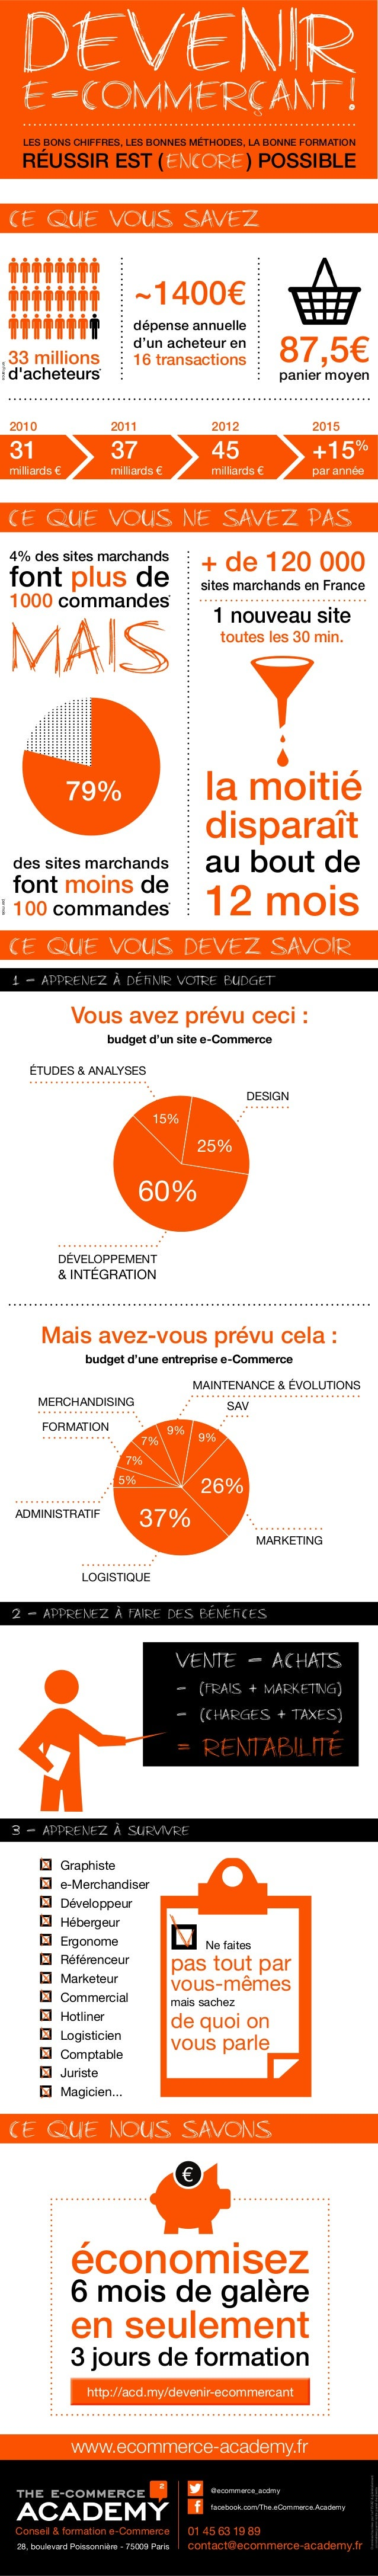 www.ecommerce-academy.fr DonnéesfourniesparlaFEVAD&généralement constatéesparminotrepaneldeclients facebook.com/The.eComme...